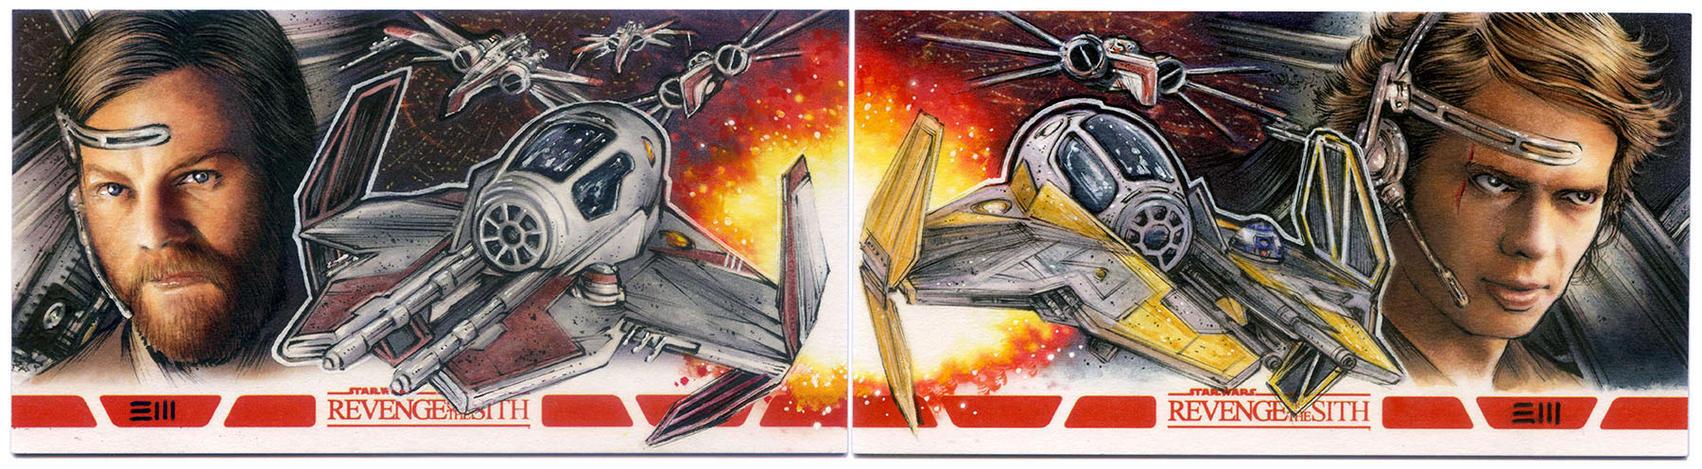 RotSITH Anakin and Obi-Wan APs by Erik-Maell